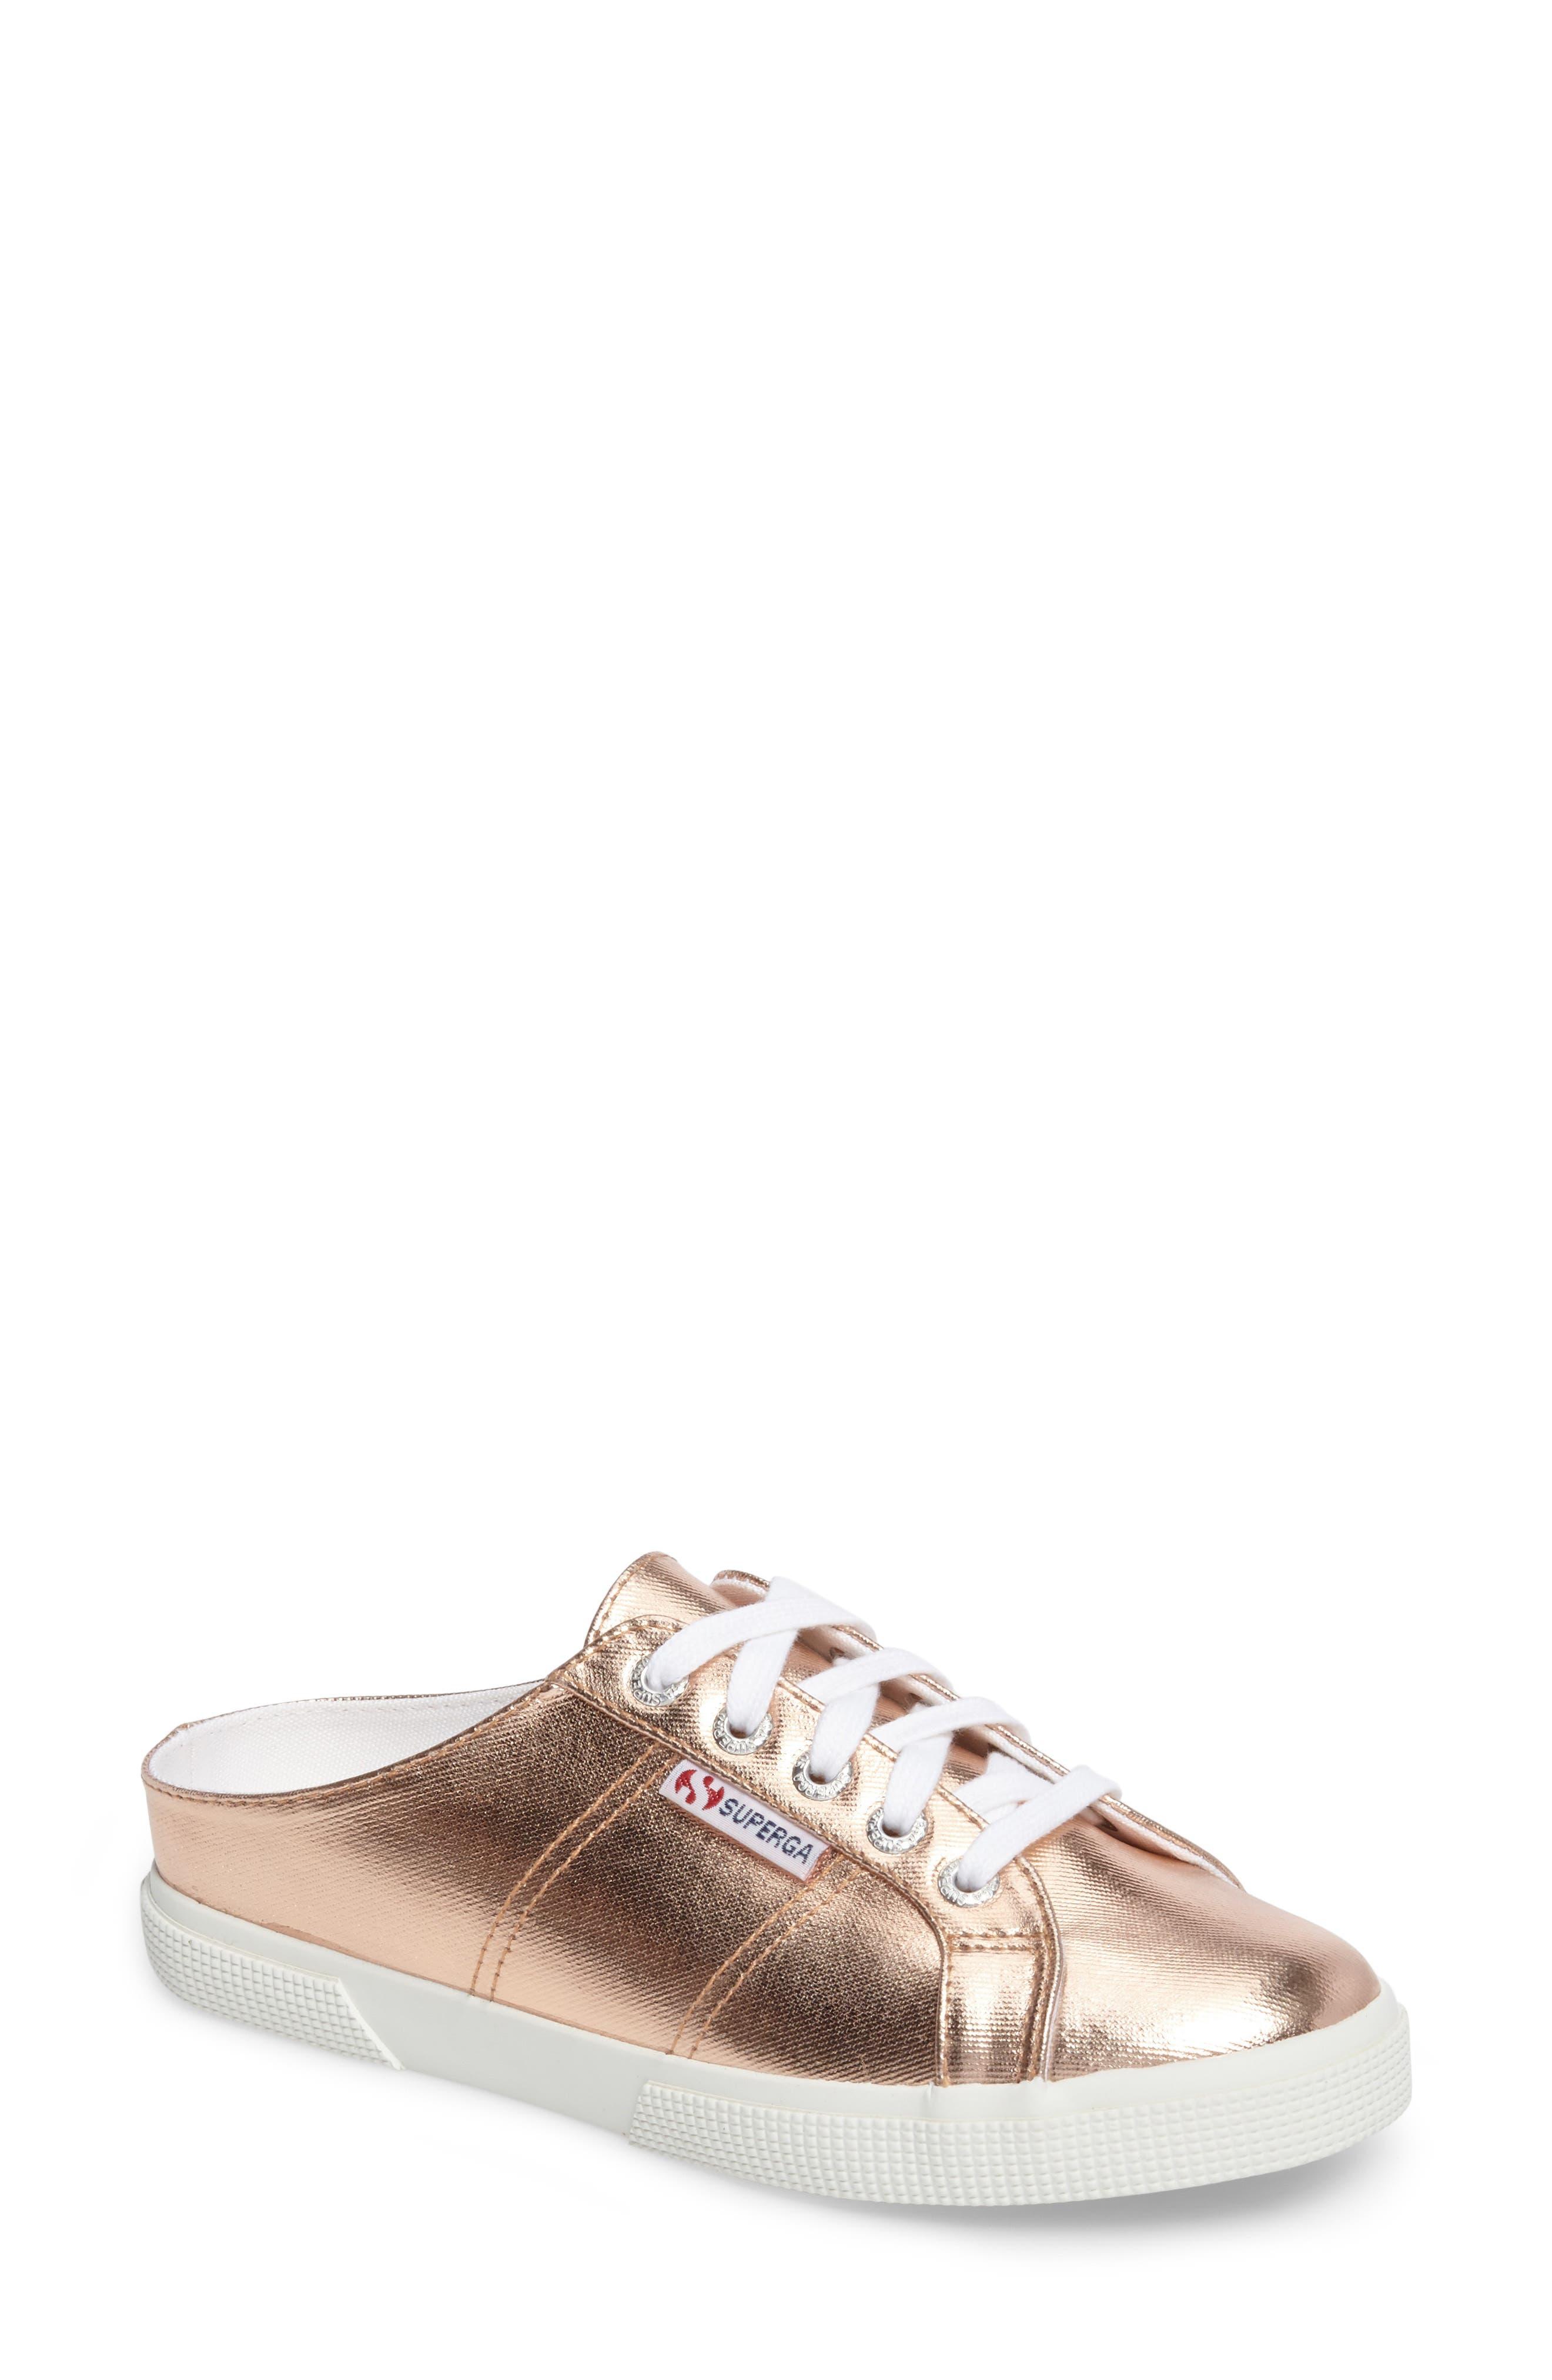 2288 Sneaker Mule,                             Main thumbnail 1, color,                             Rose Gold